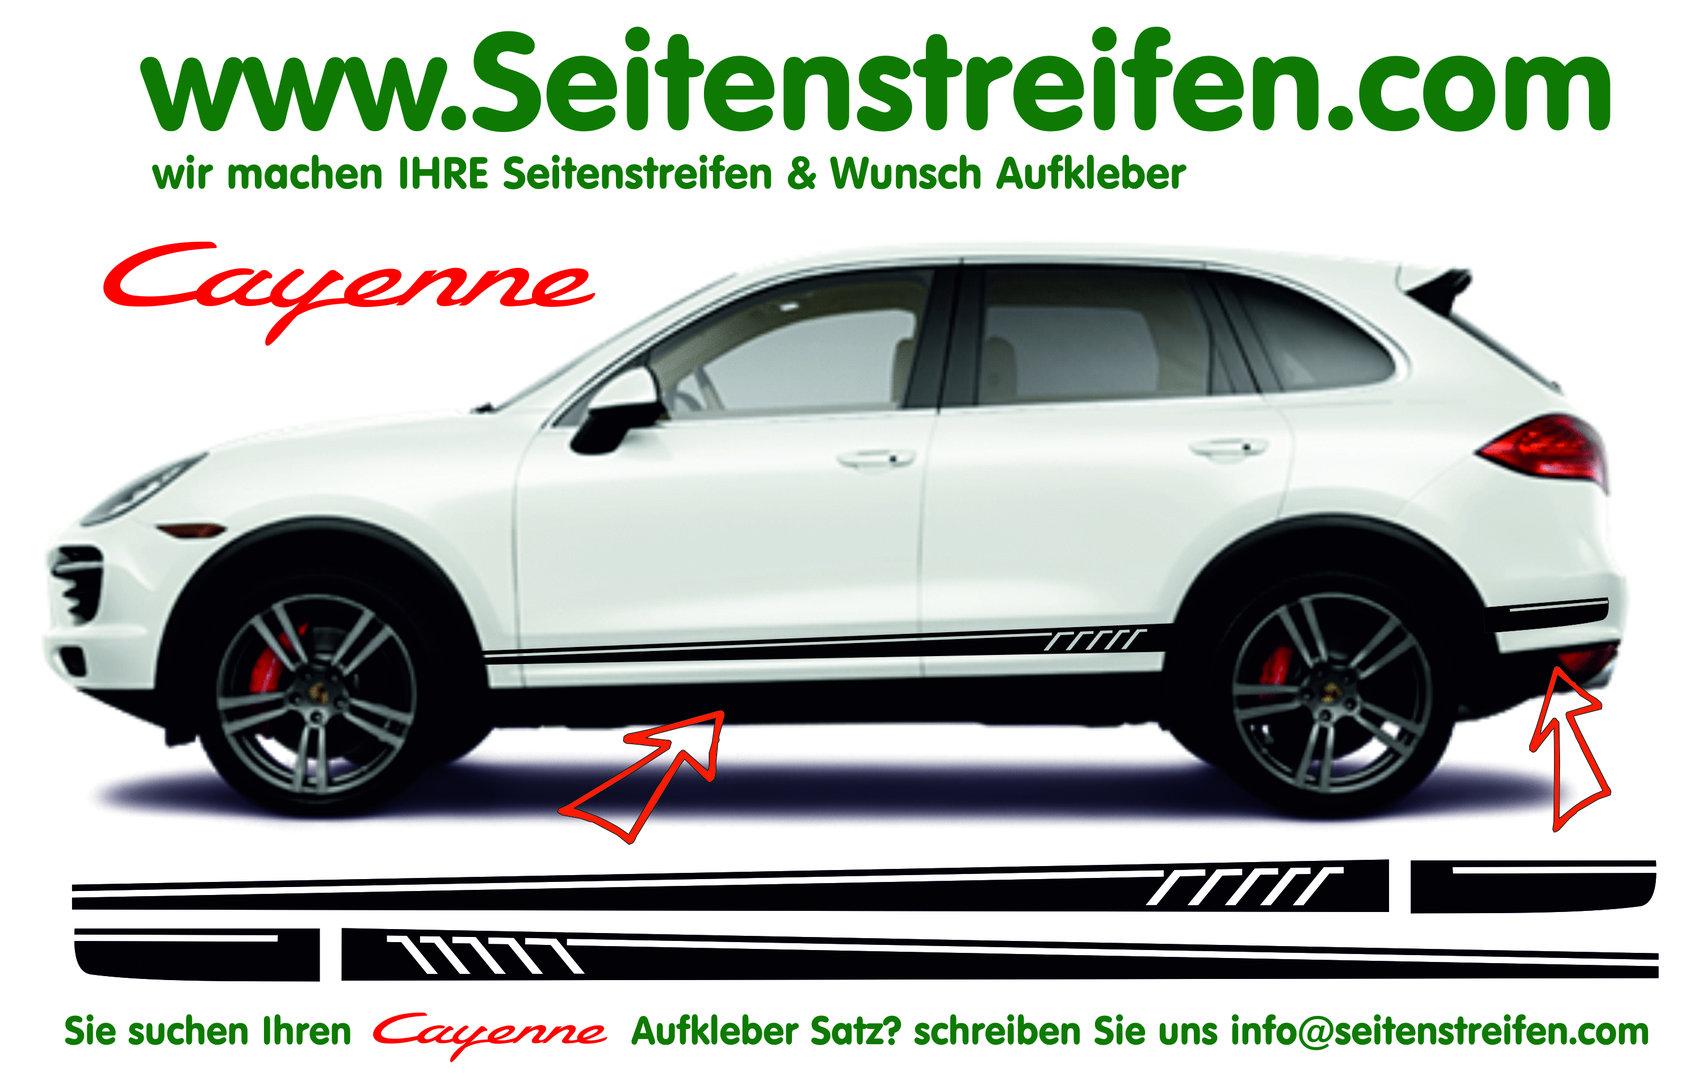 Porsche cayenne 507 amg seitenstreifen jpg